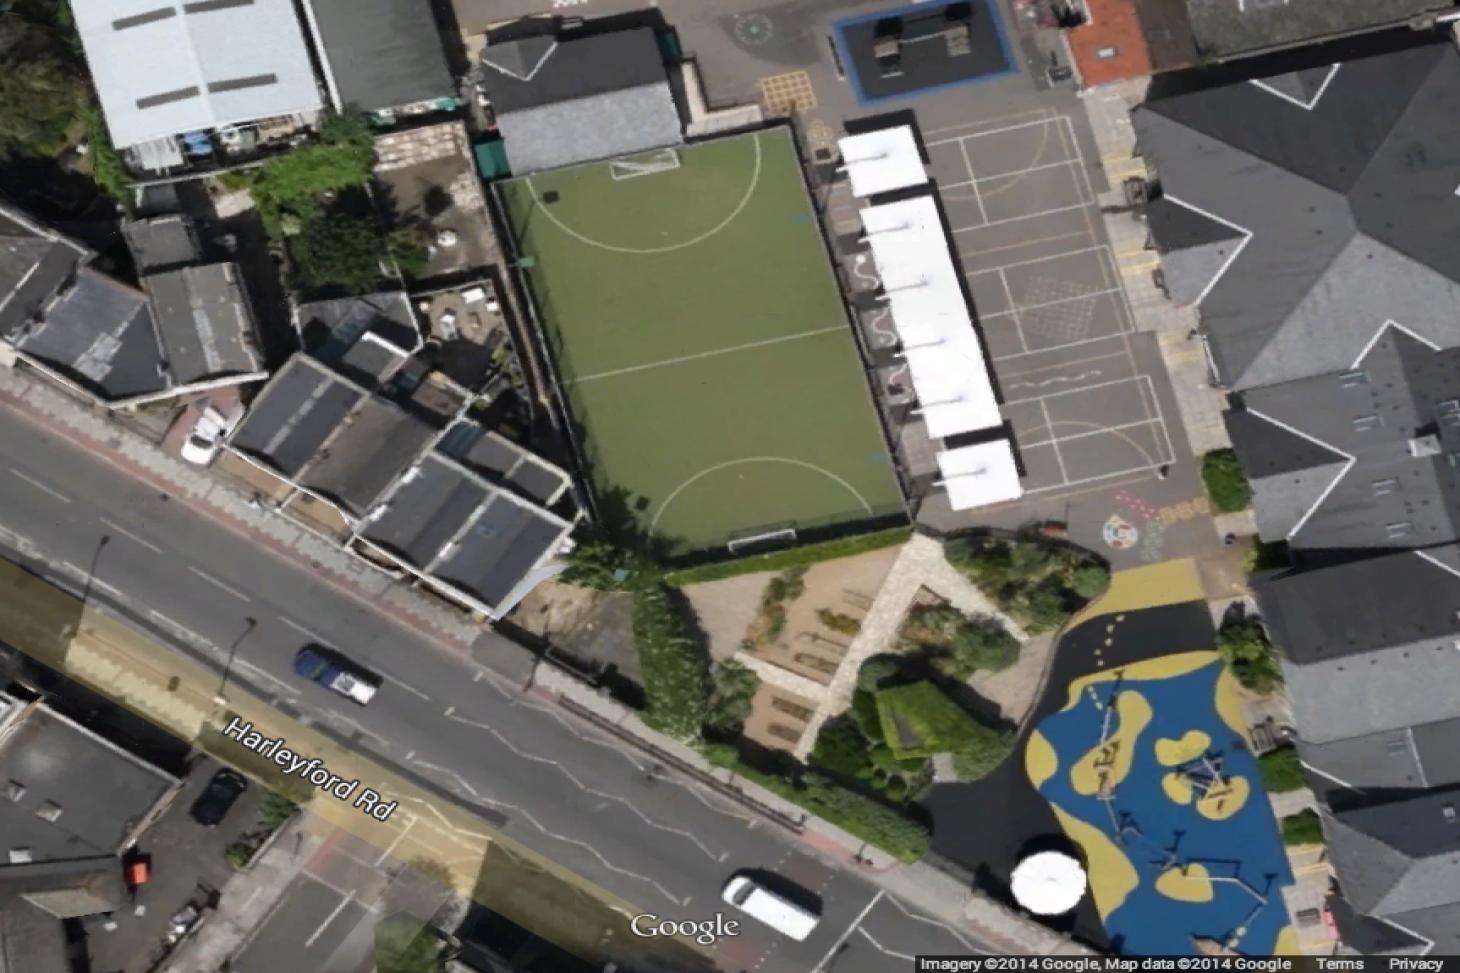 Lilian Baylis Old School 5 a side | Astroturf football pitch